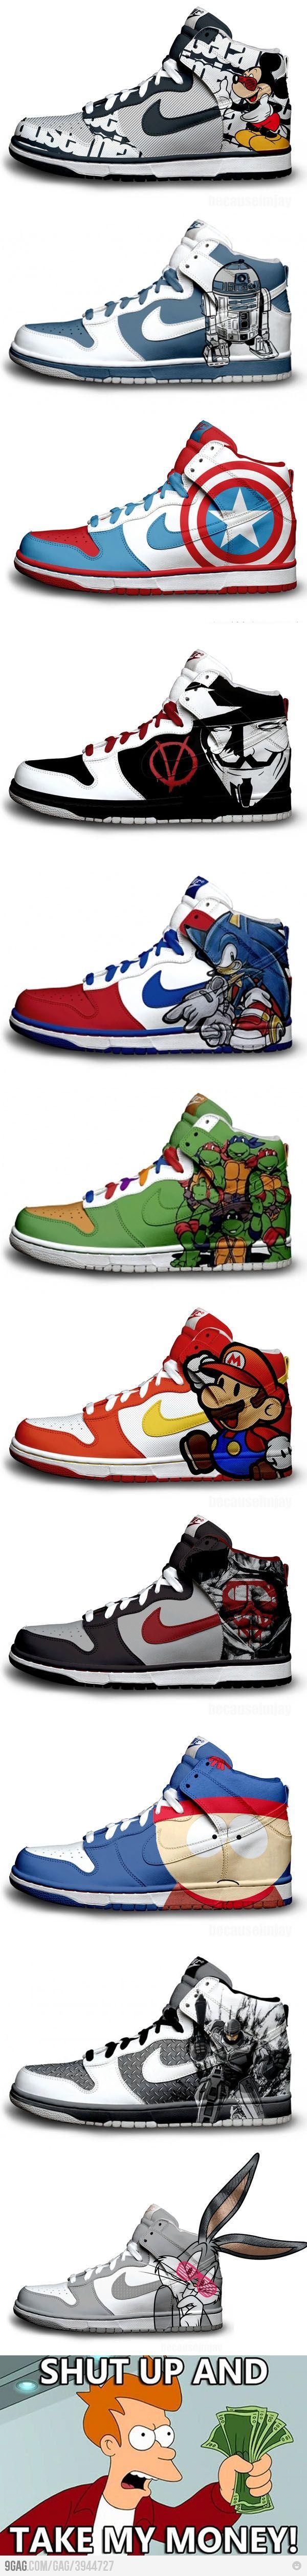 De verdad necesito estas